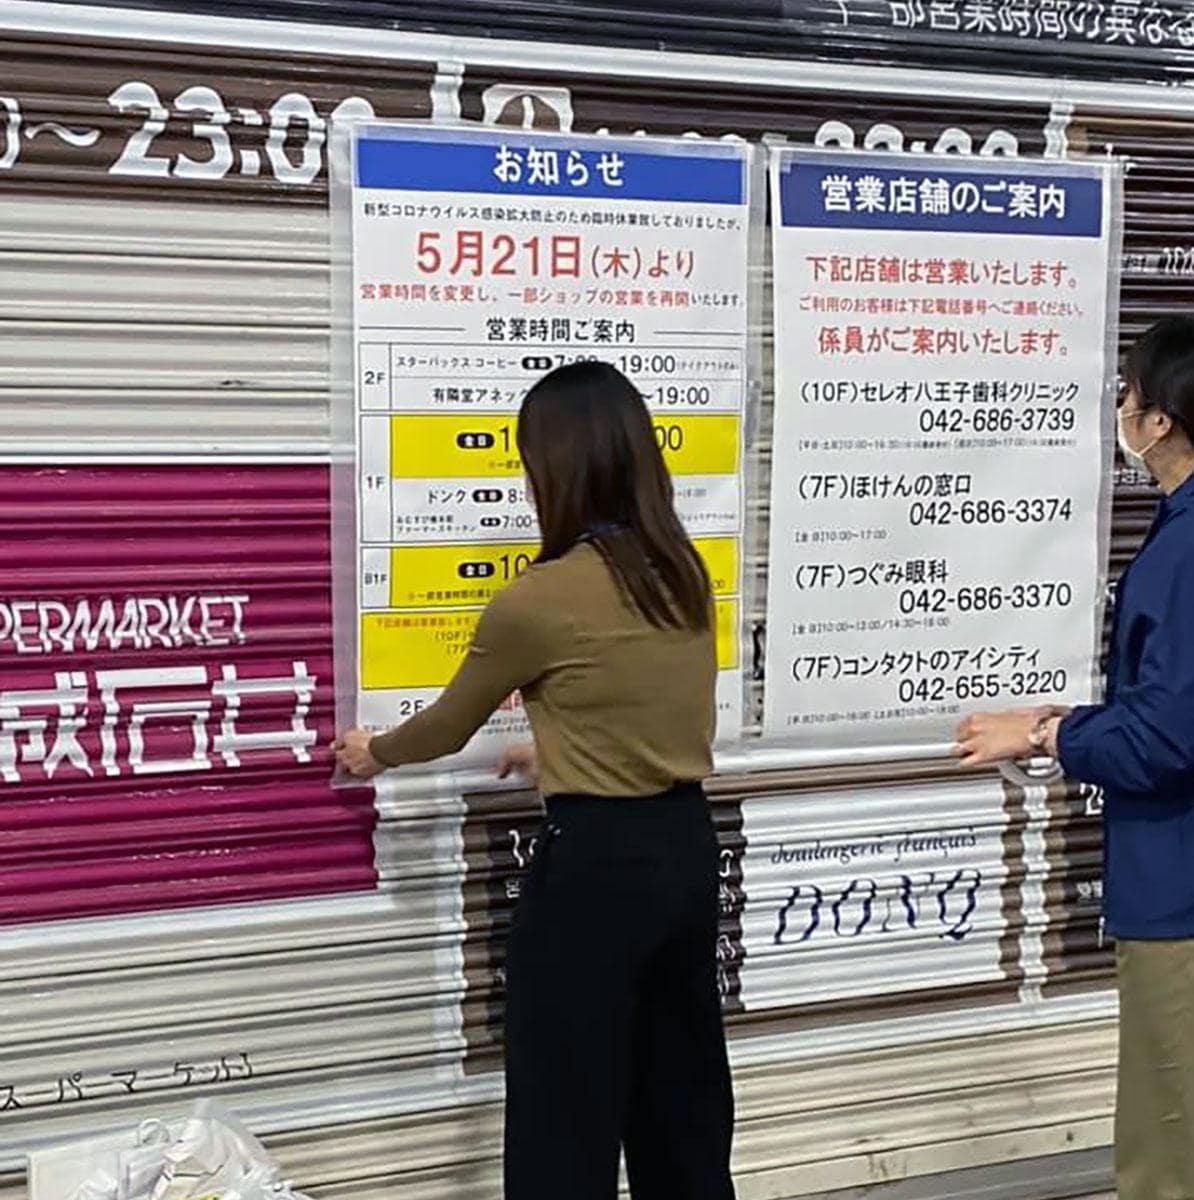 セレオ八王子北館では、20日に営業再開に向け新たなポスターが貼られた(写真提供=松浦治朗さん)